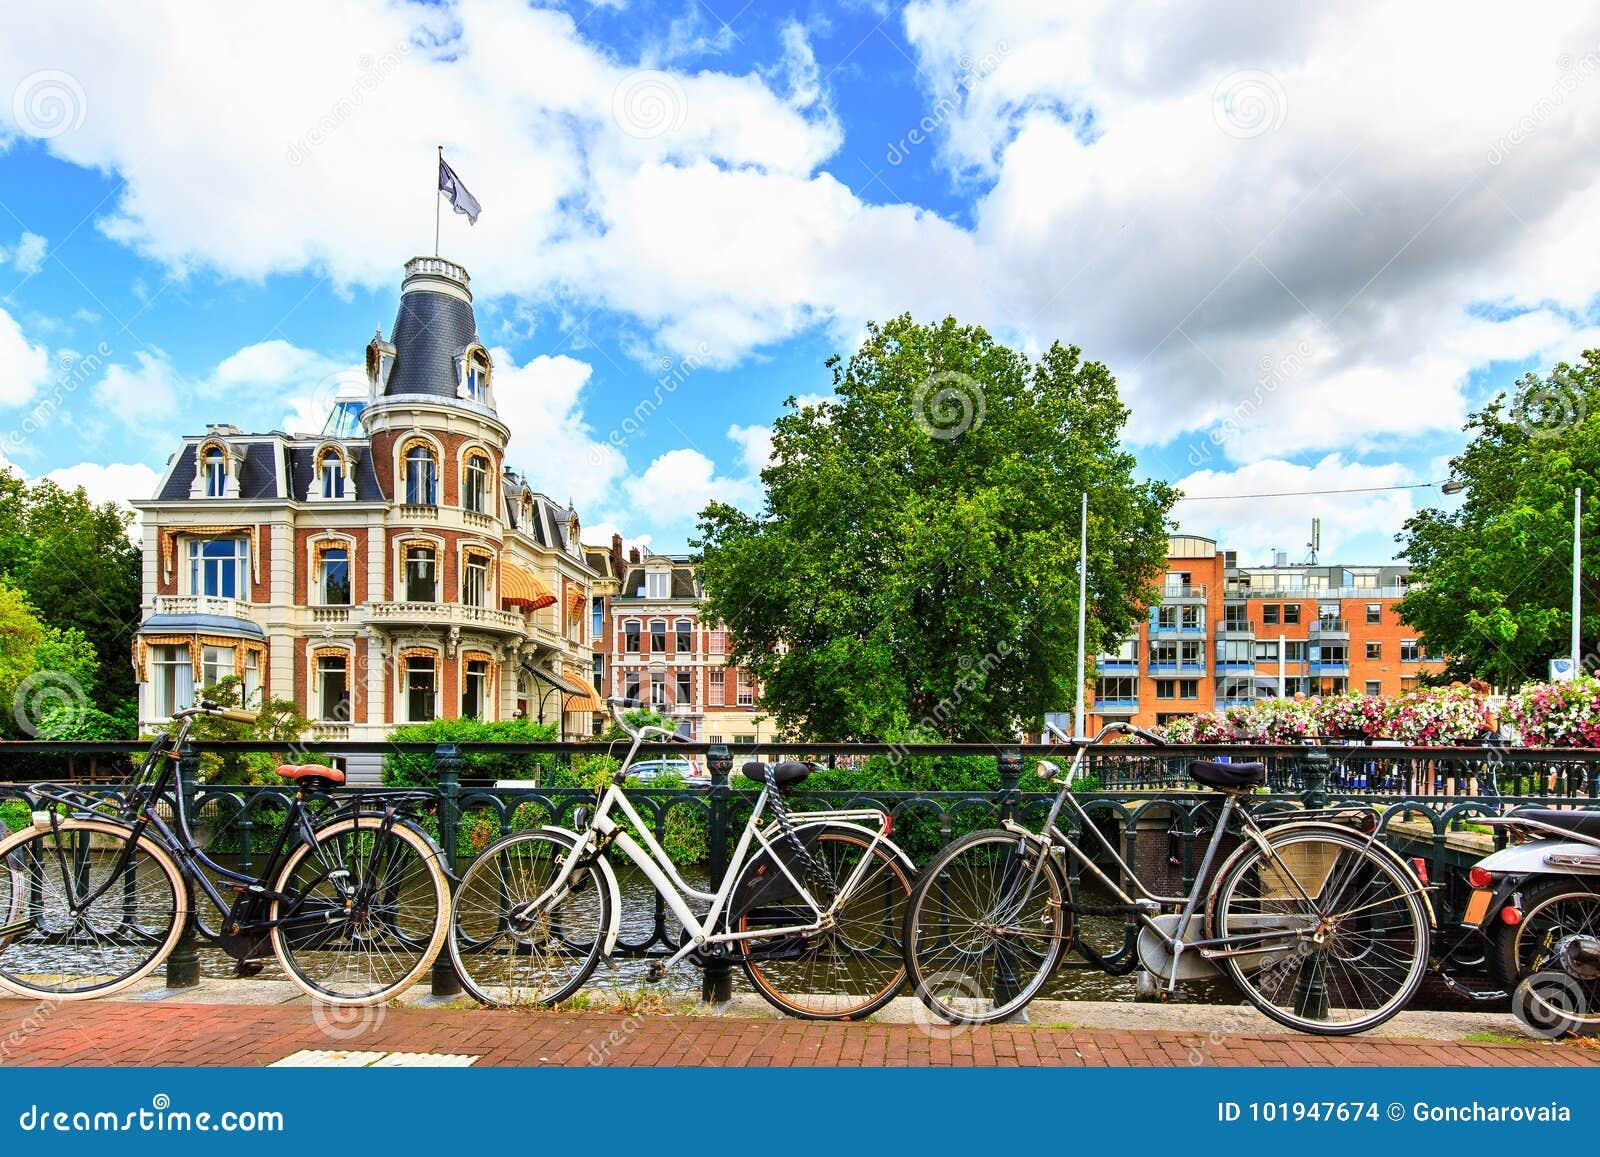 Traditionella holländarecyklar som parkeras längs gatan på Museumbrug broar över kanalen Amsterdam i sommar, Nederländerna, Europ